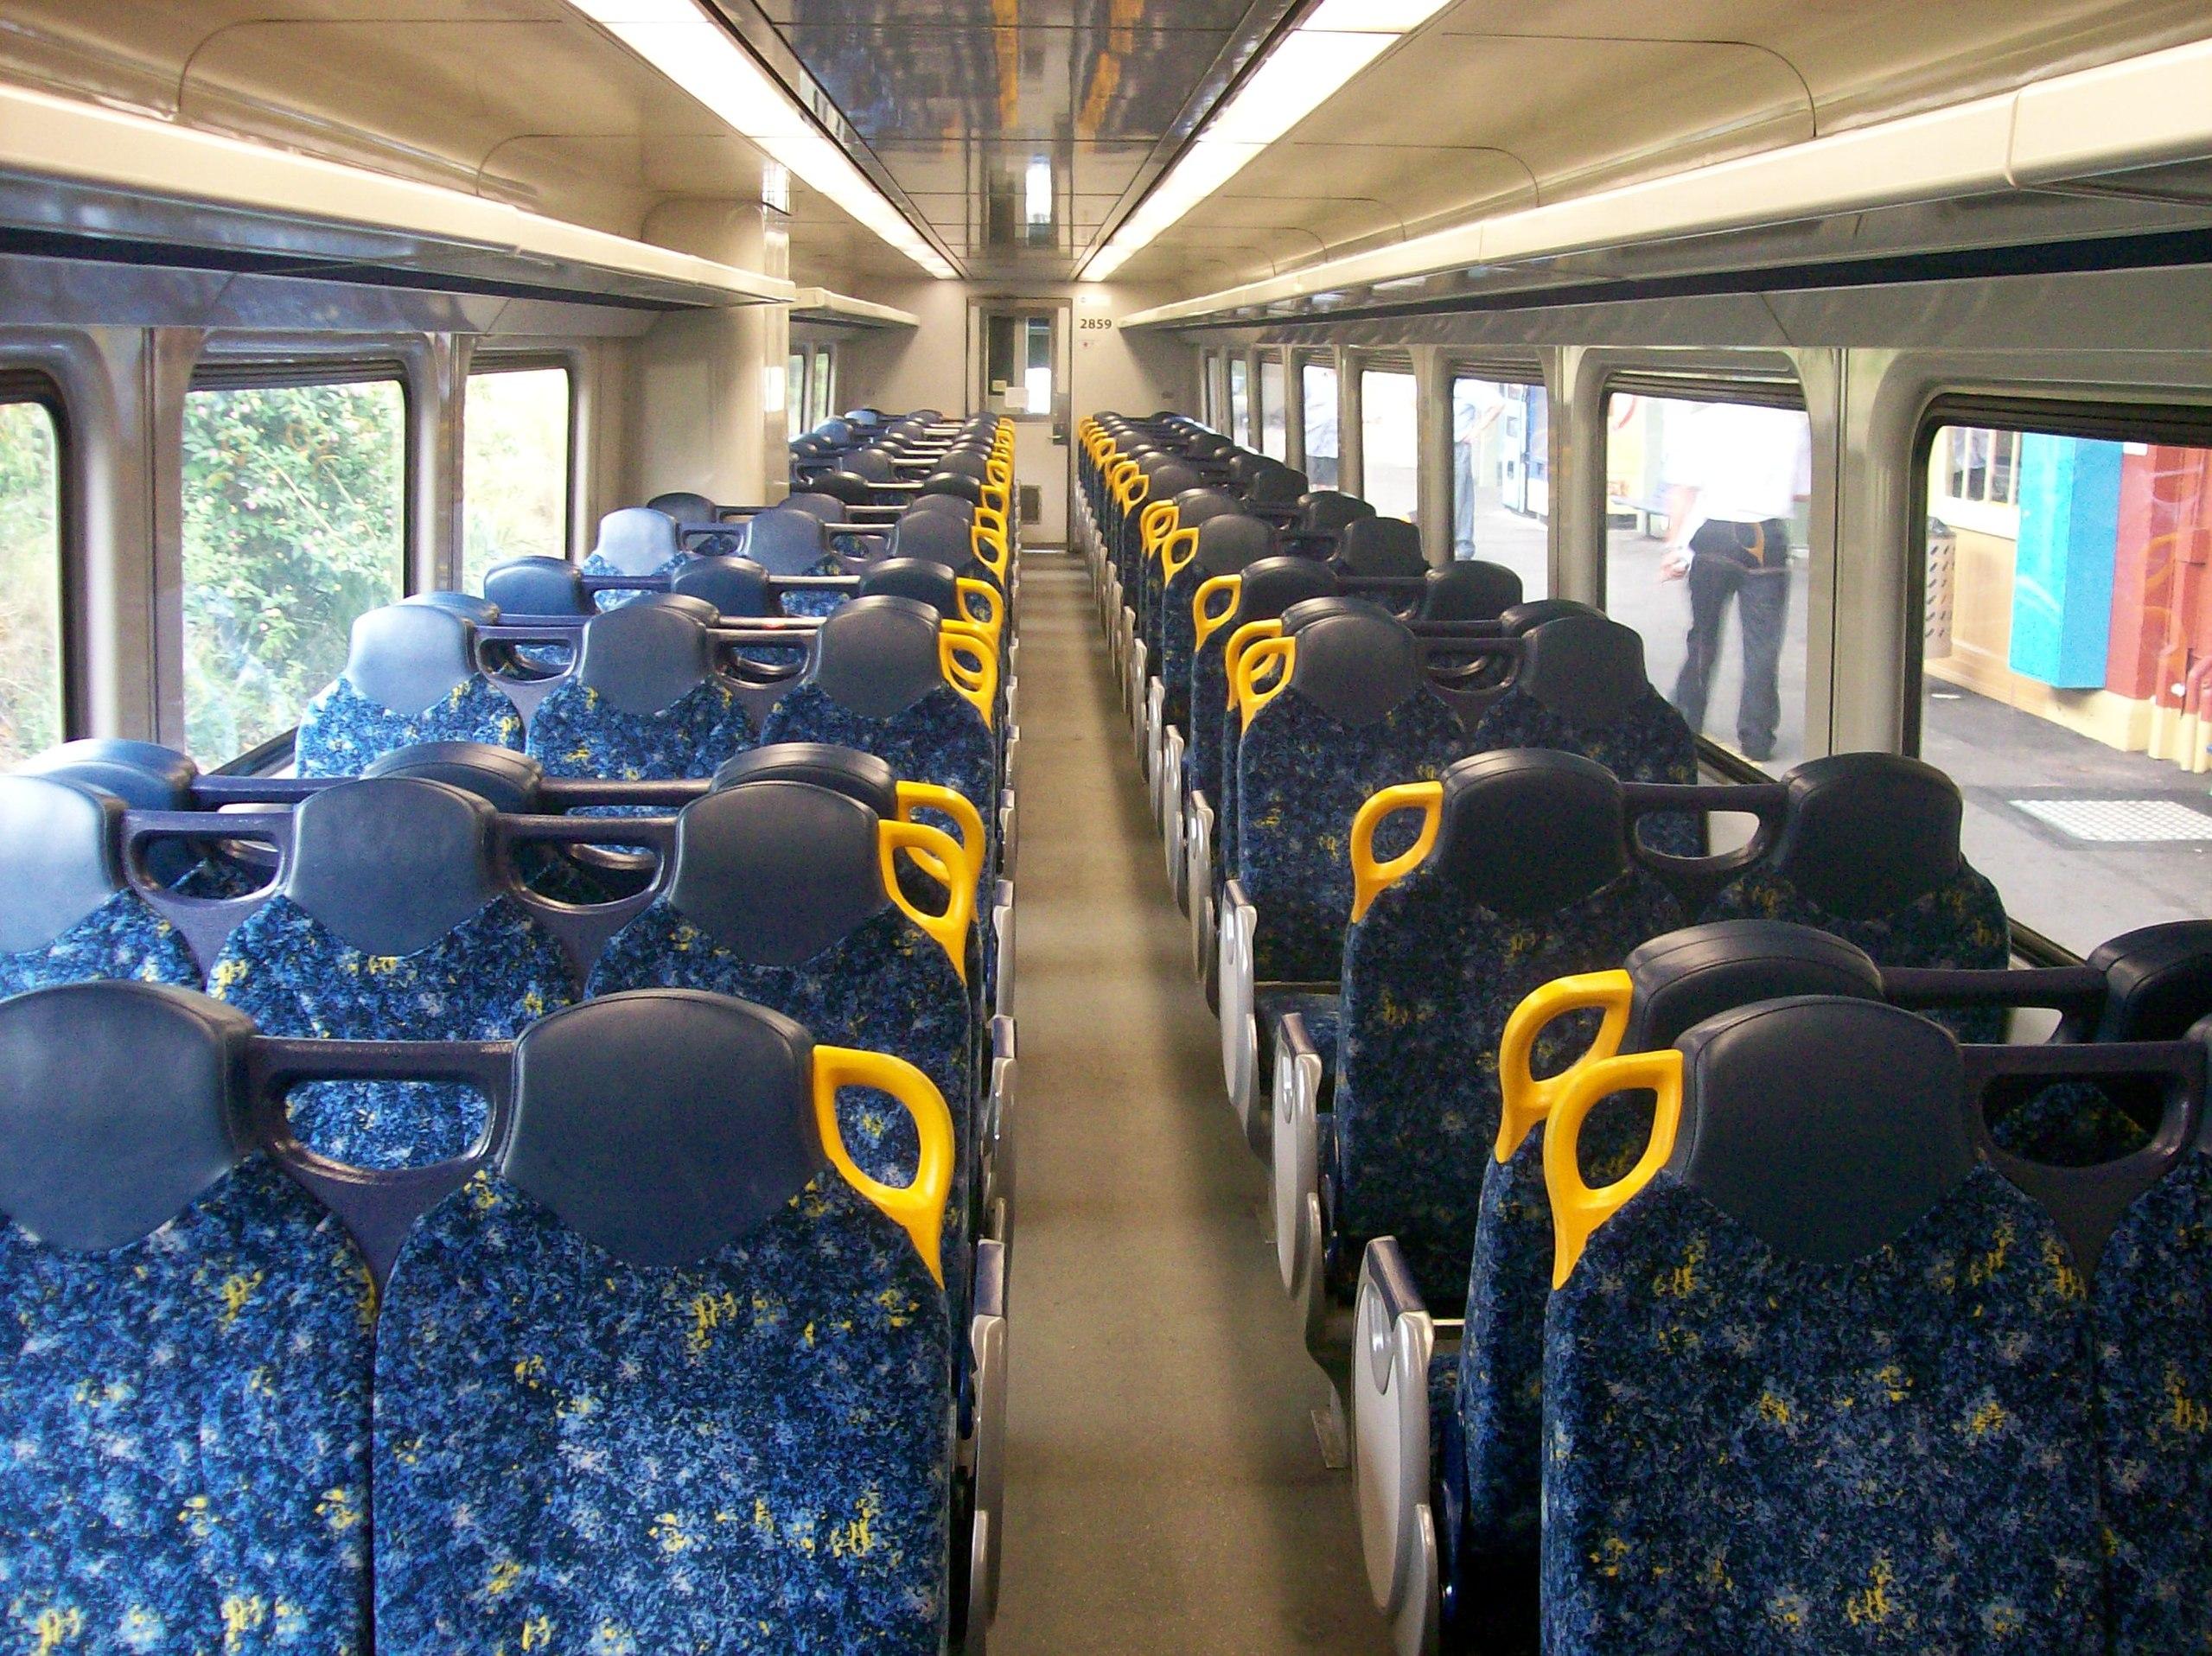 Endeavour railcar cityrail.jpg